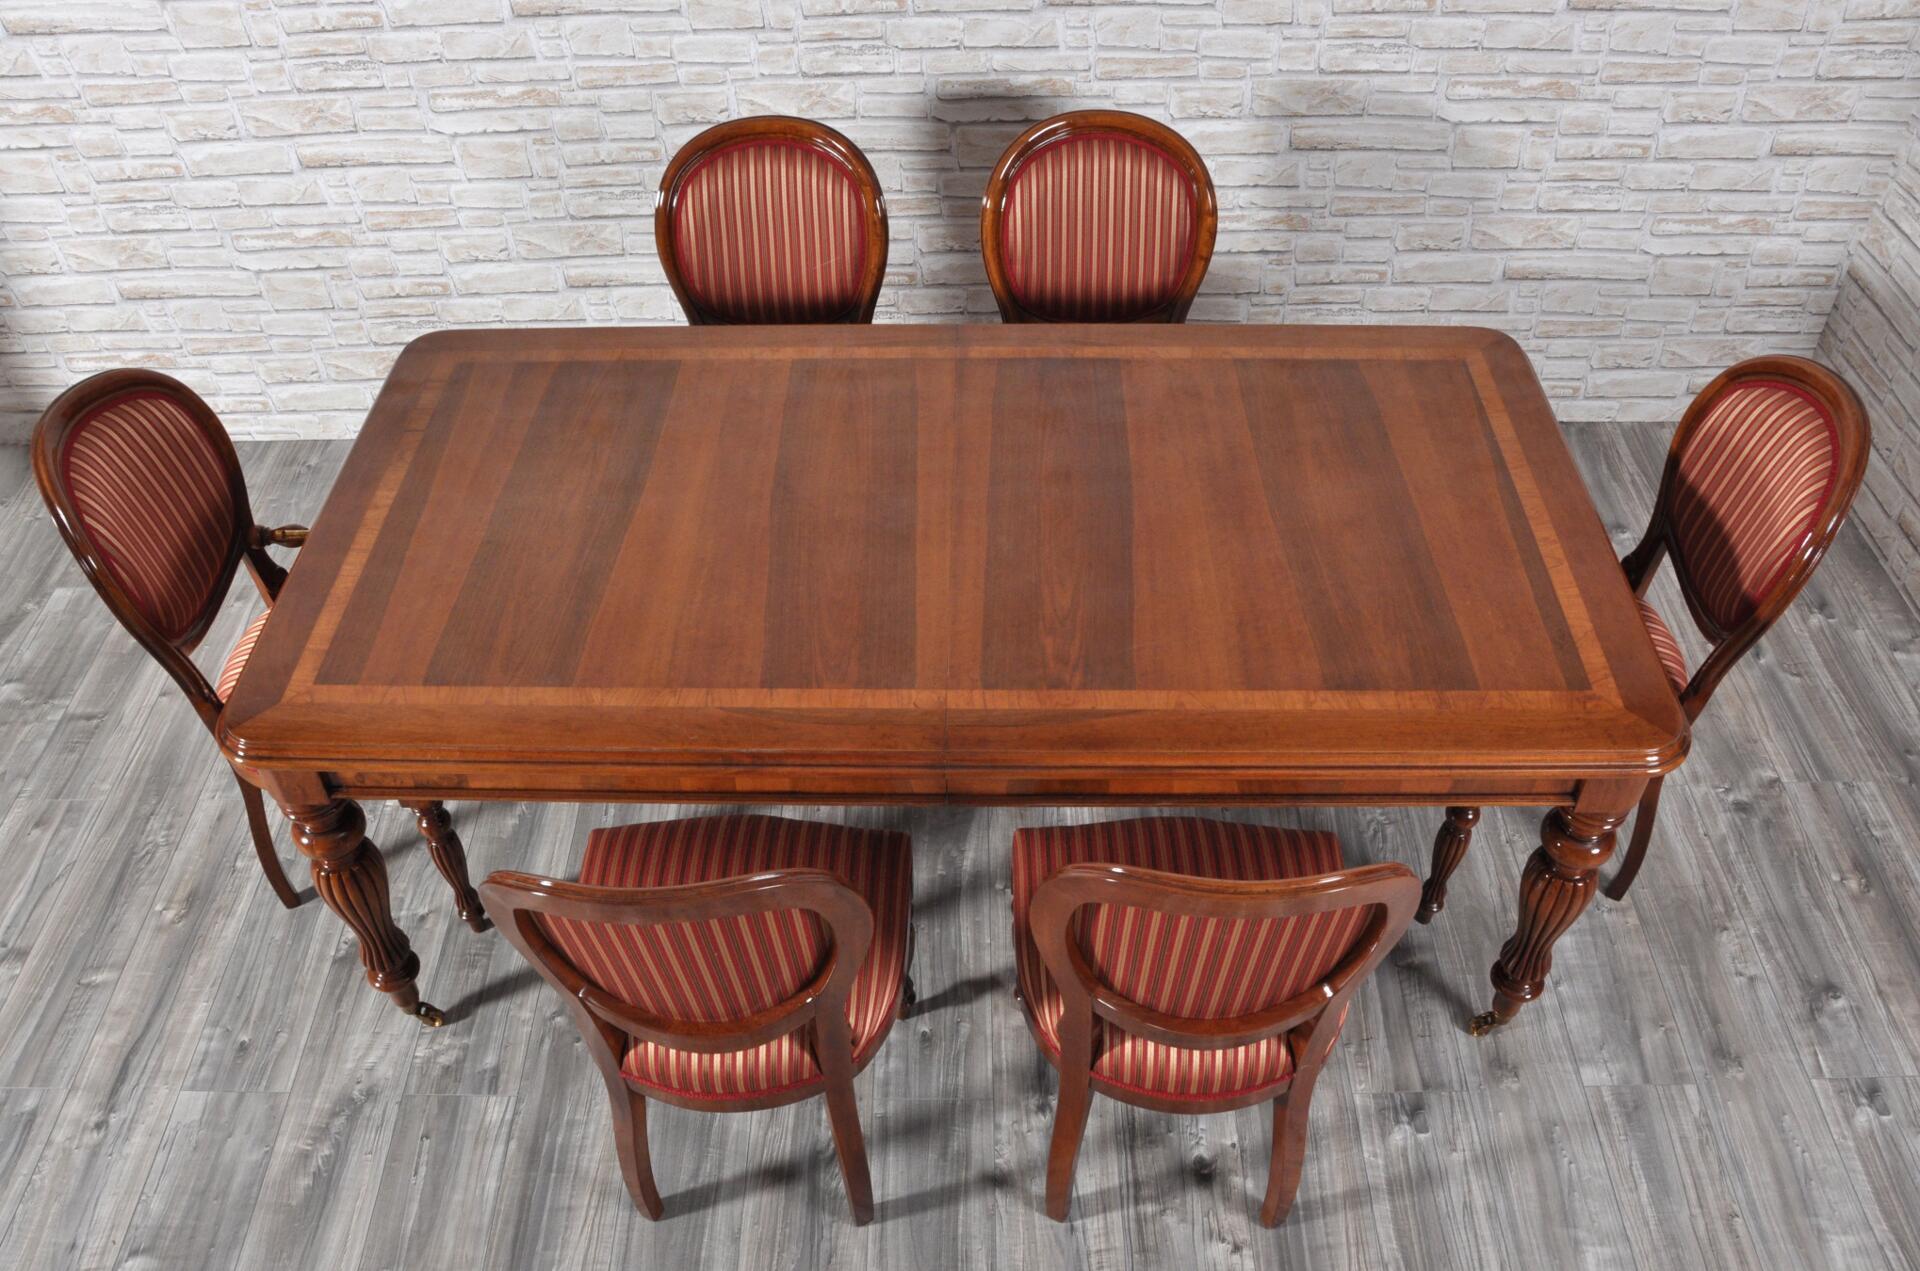 Tavolo inglese vittoriano rettangolare allungabile - Tavolo rettangolare ...